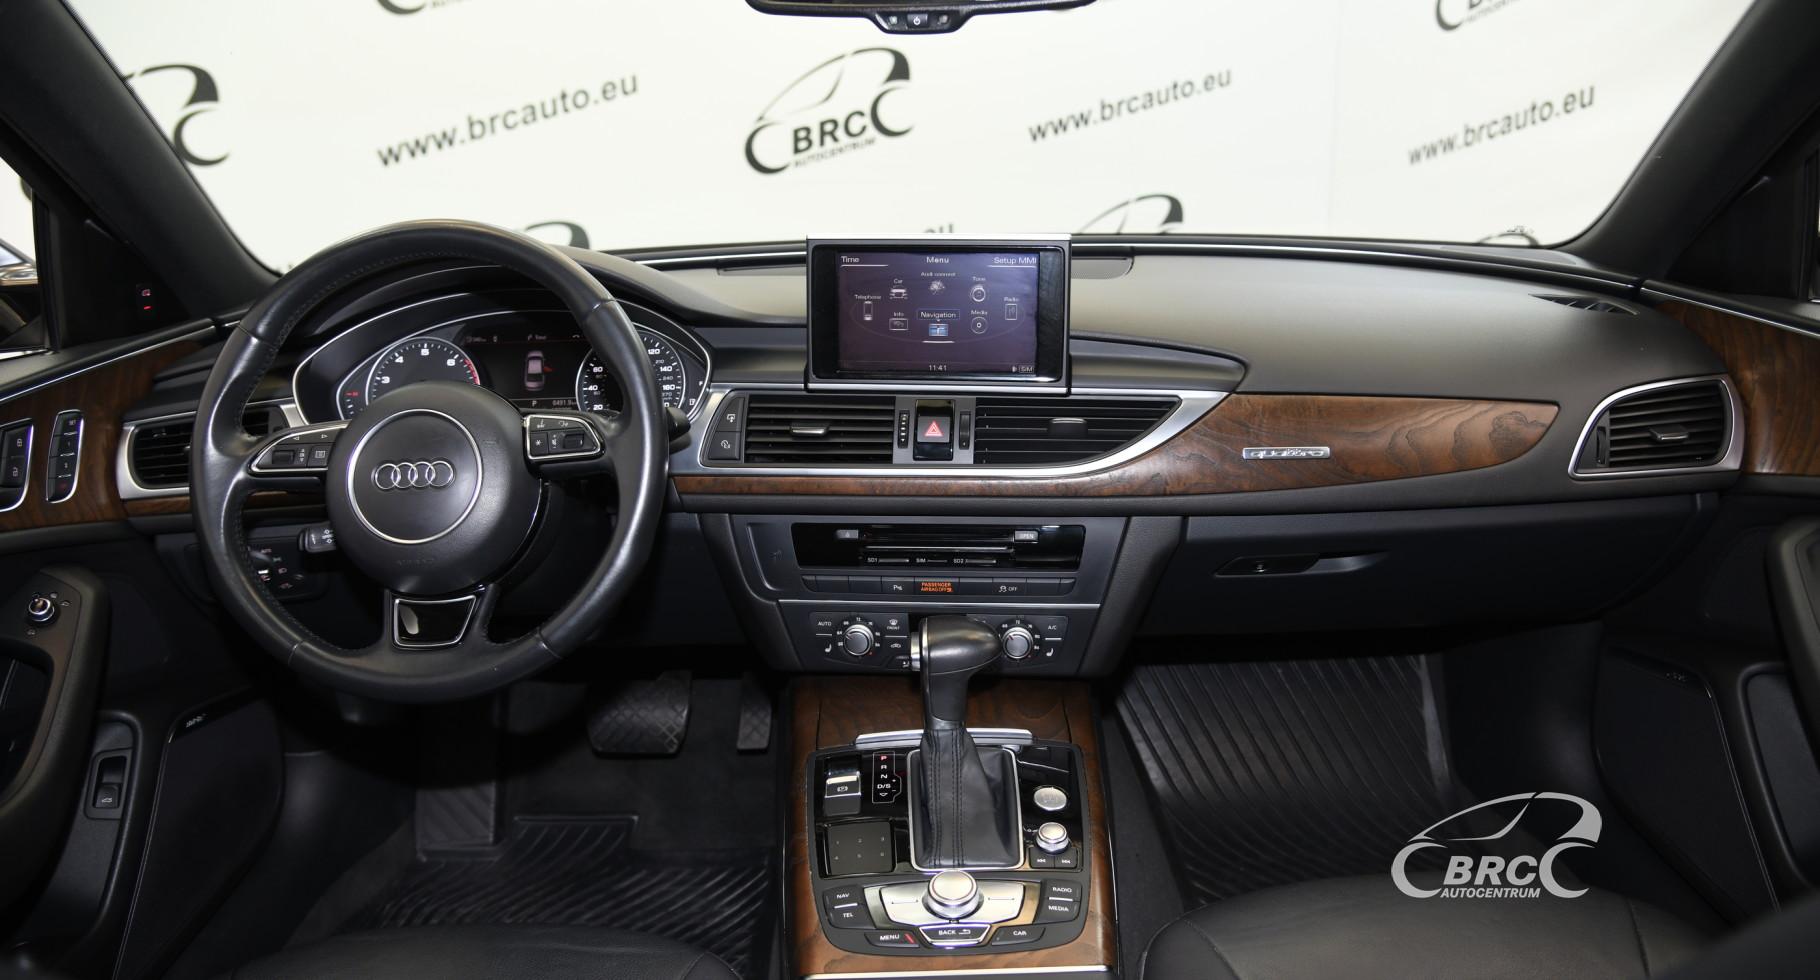 Audi A6 2.0 TFSI Quattro Automatas